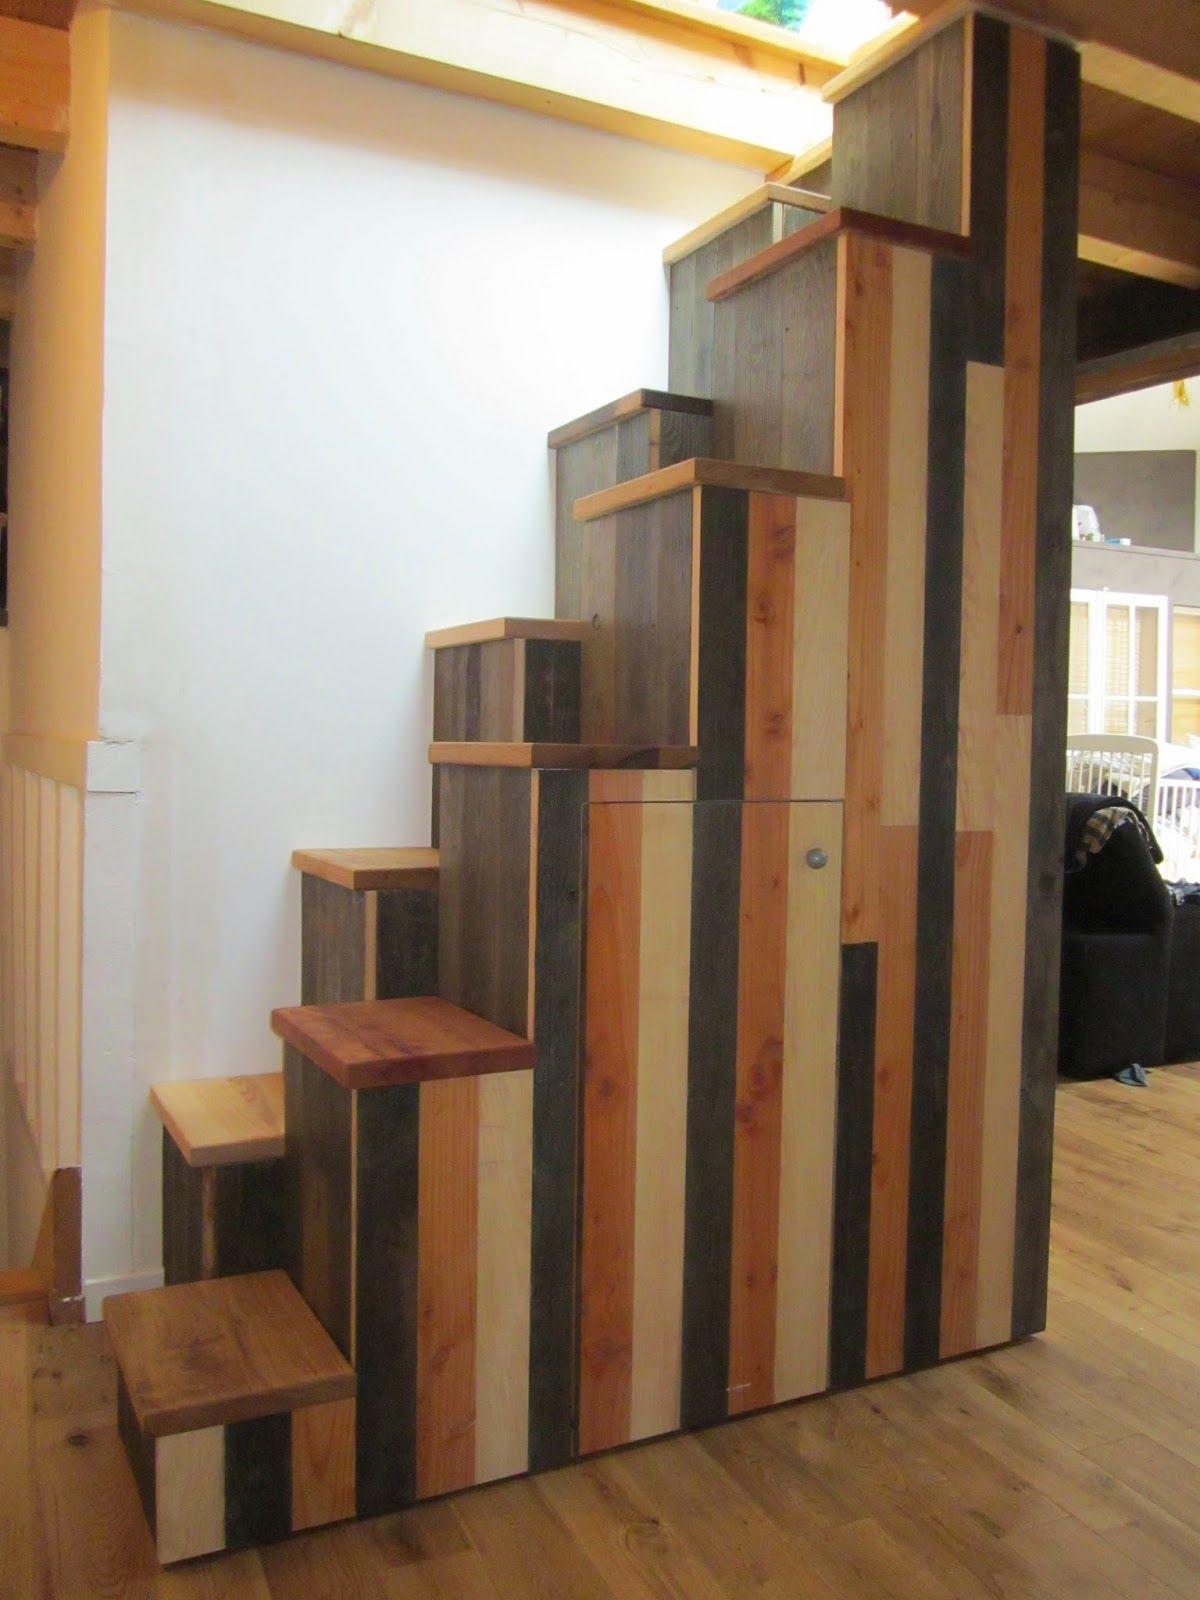 escalier pas japonais hledat googlem esc pas d cal. Black Bedroom Furniture Sets. Home Design Ideas